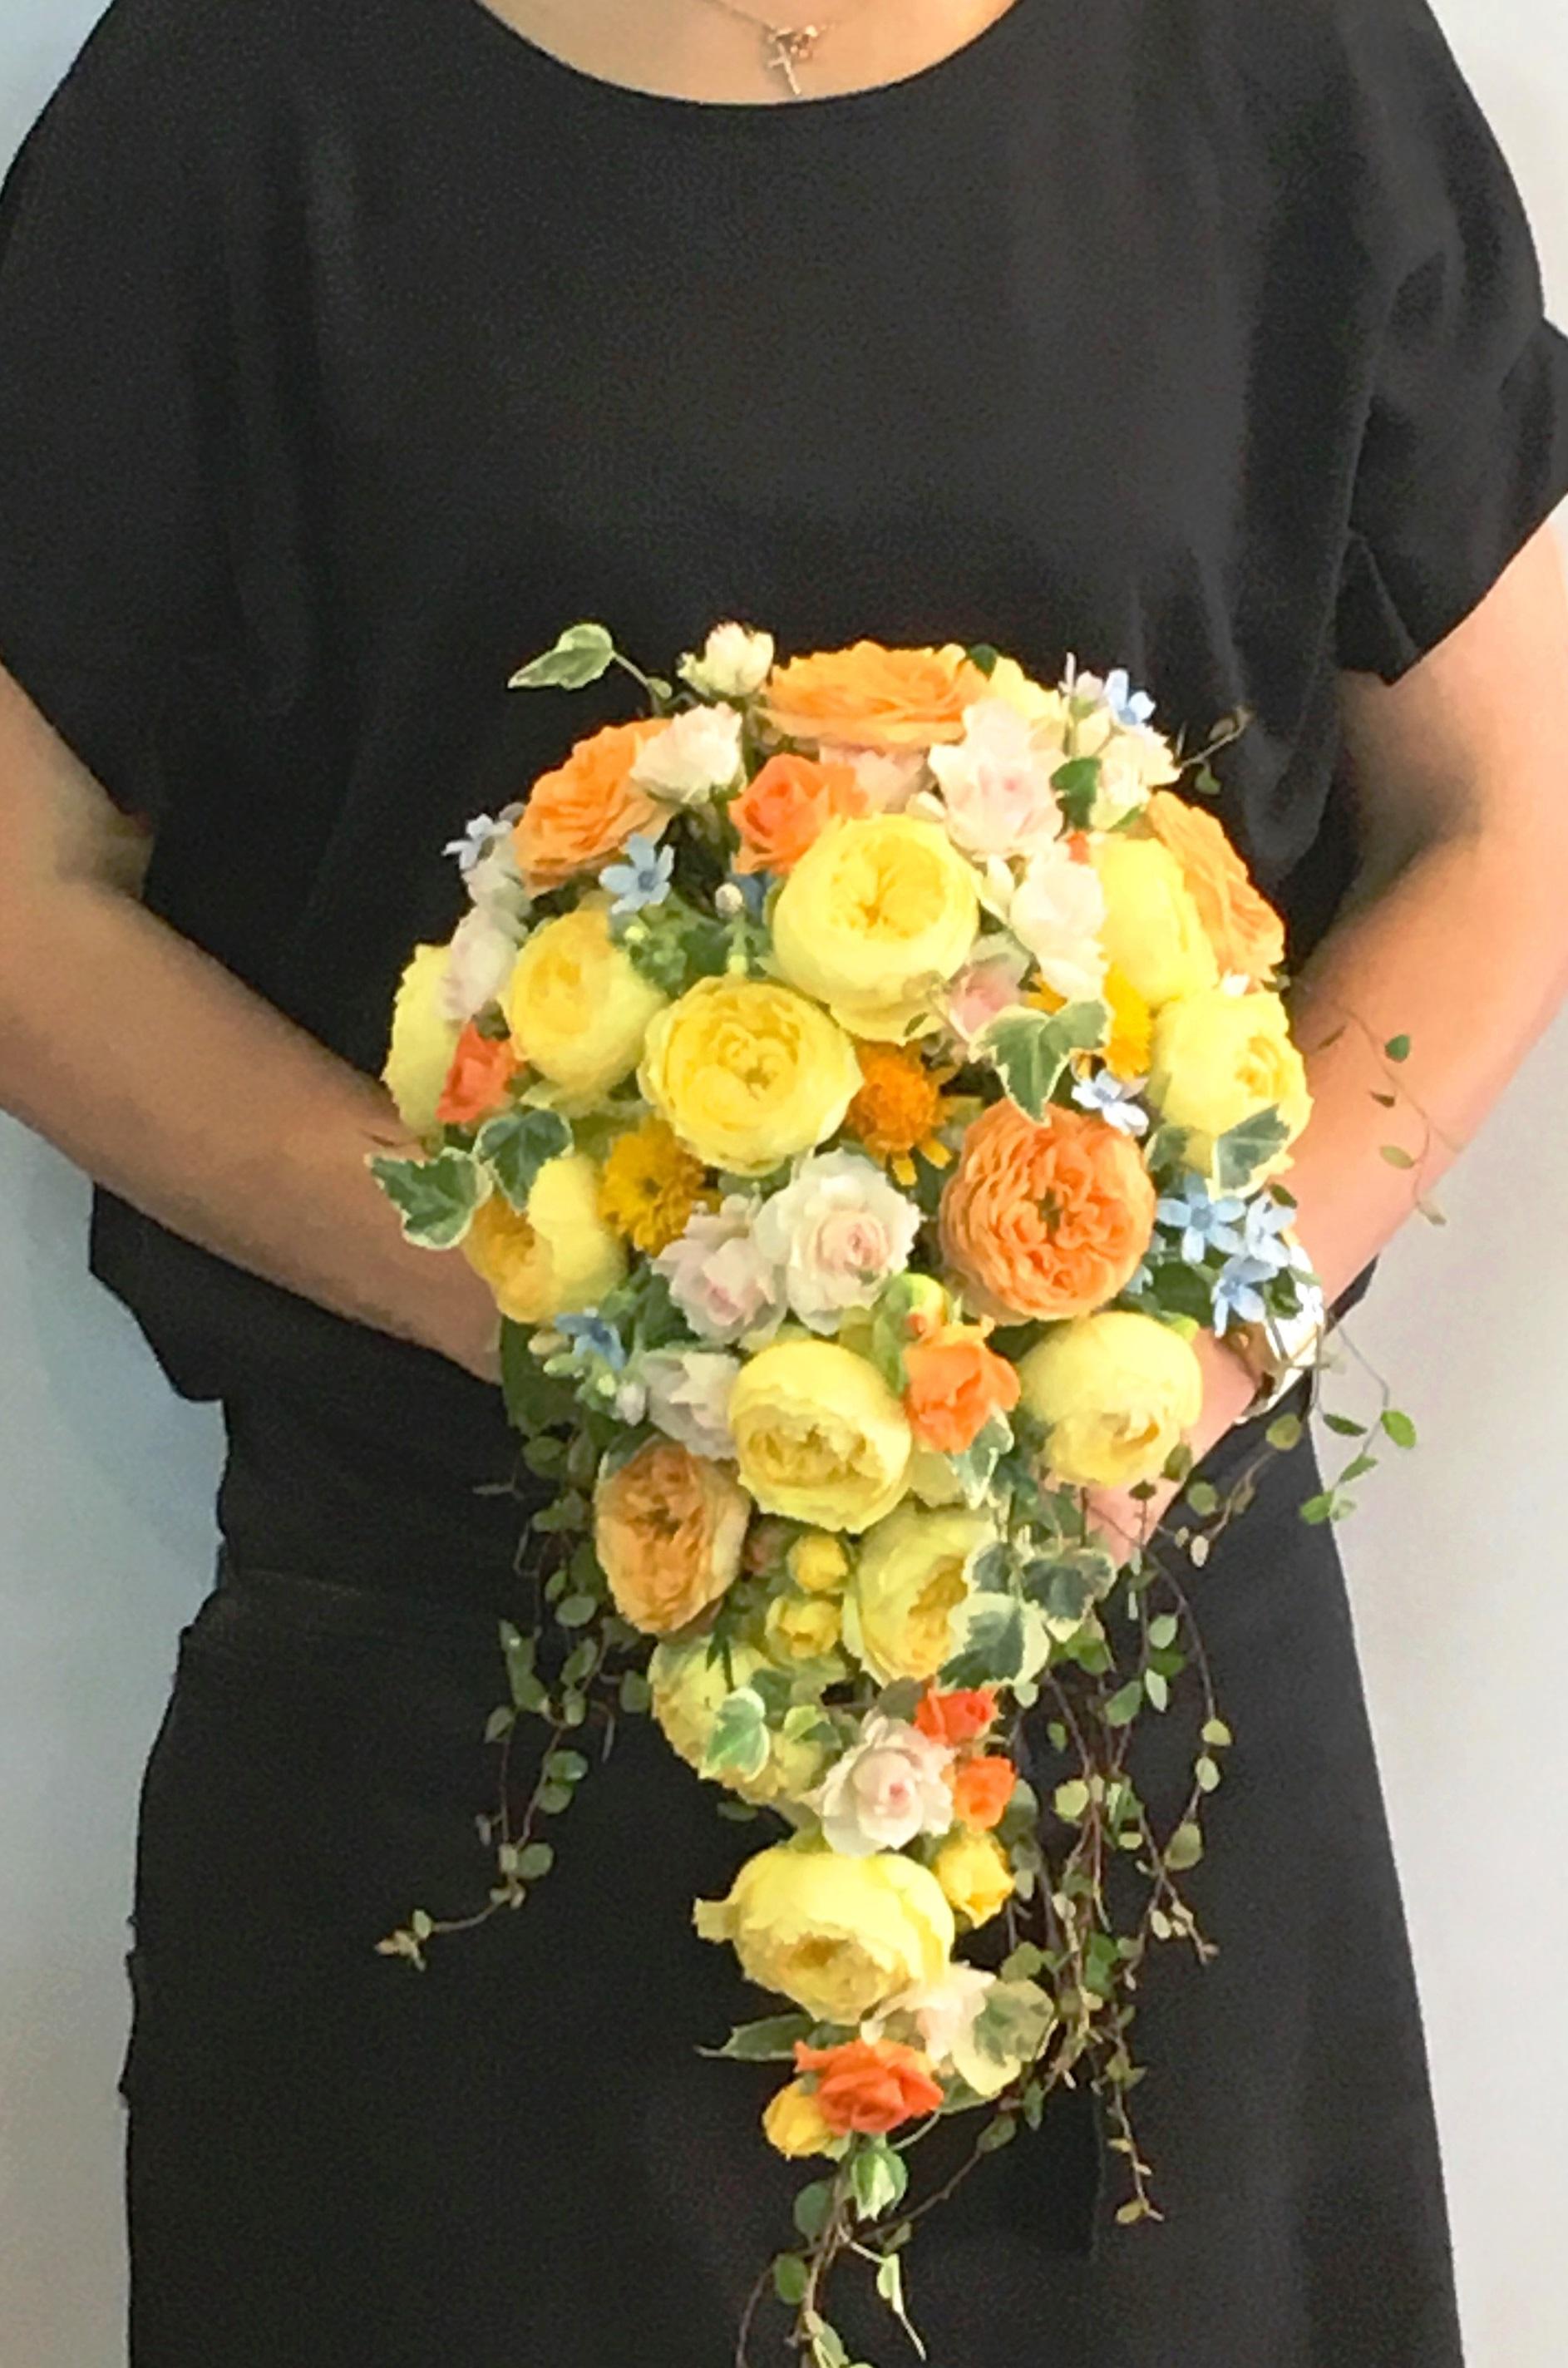 【ナオ花屋の納品事例87】横浜市みなとみらいの結婚式場へウエディングブーケを配達しました!